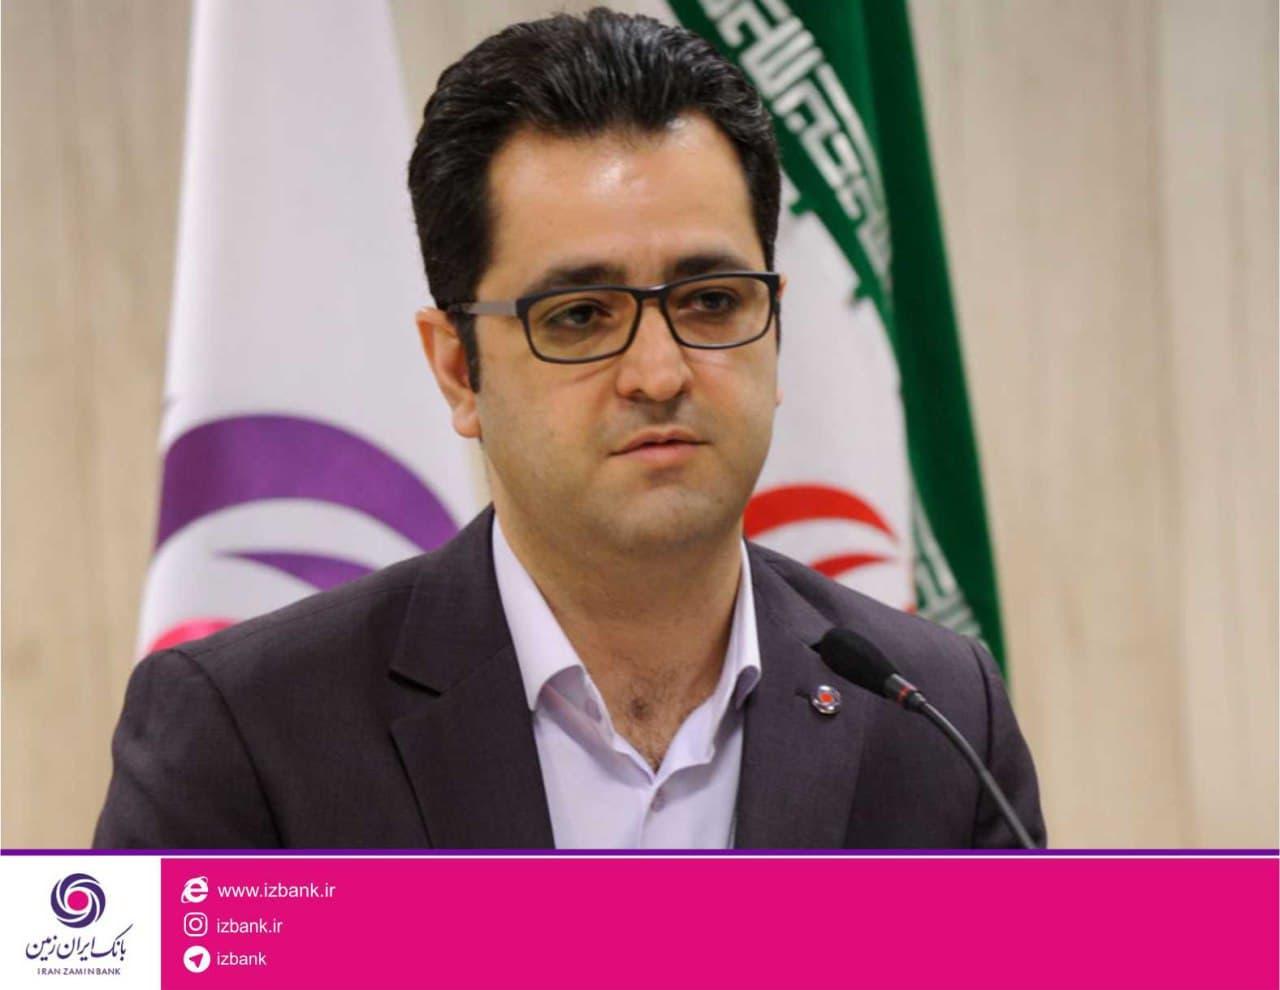 استاد مدیر روابط عمومی ایران زمین